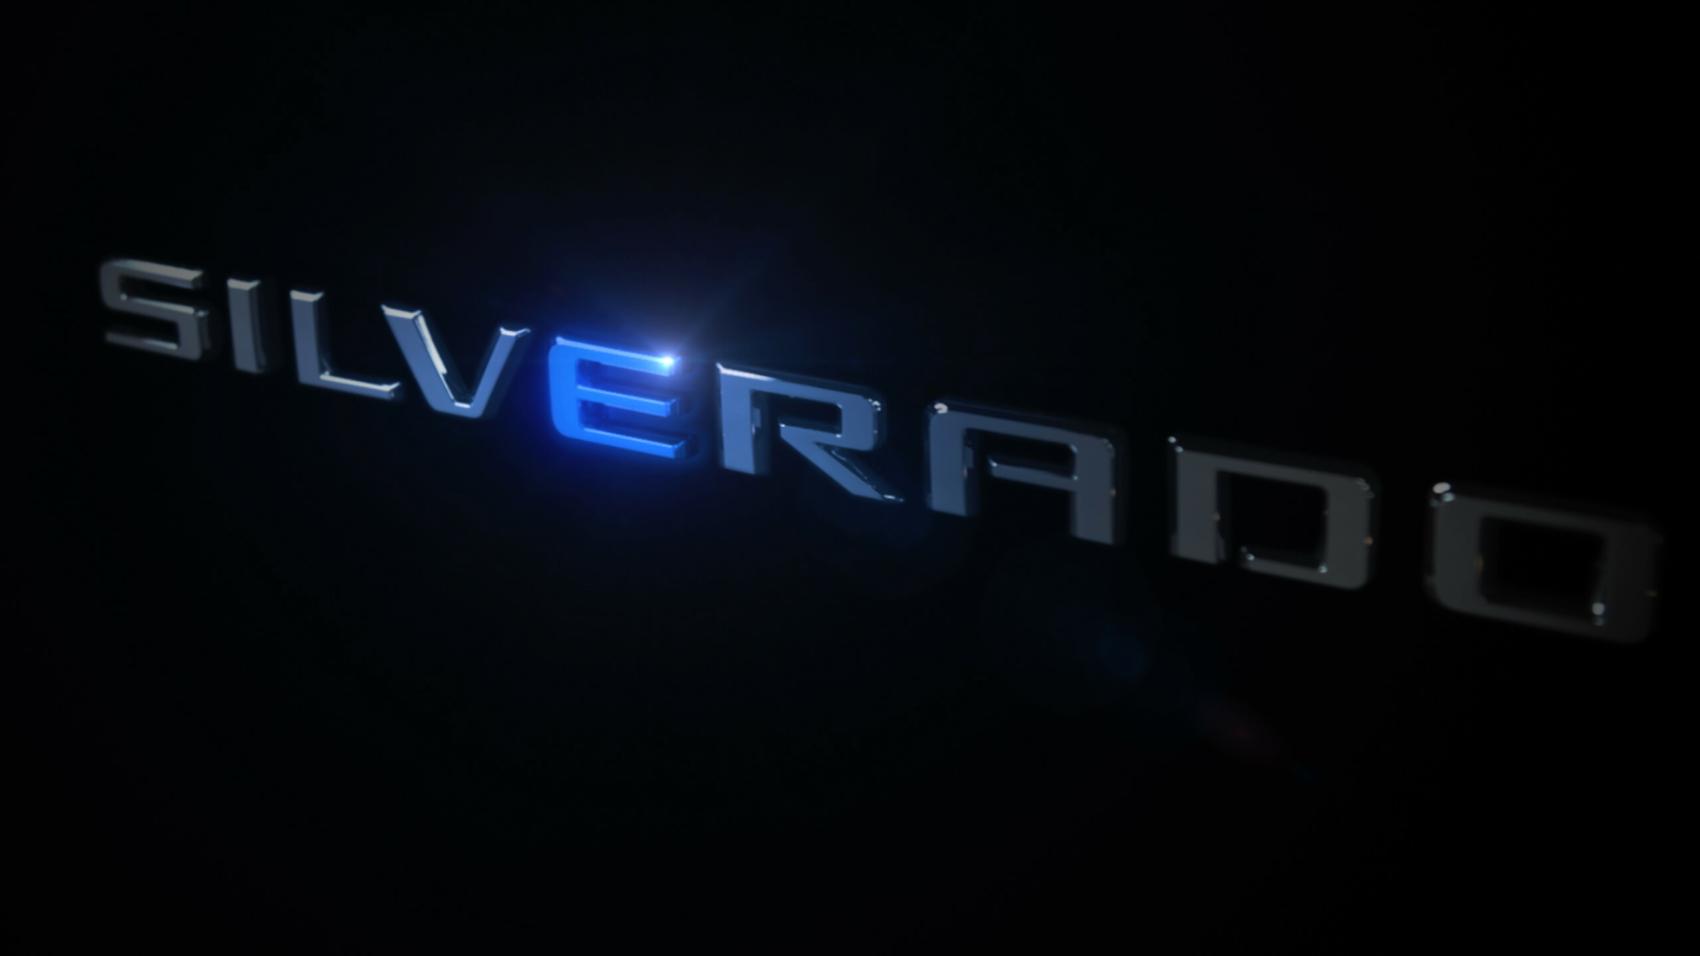 Chevy Silverado electric teaser